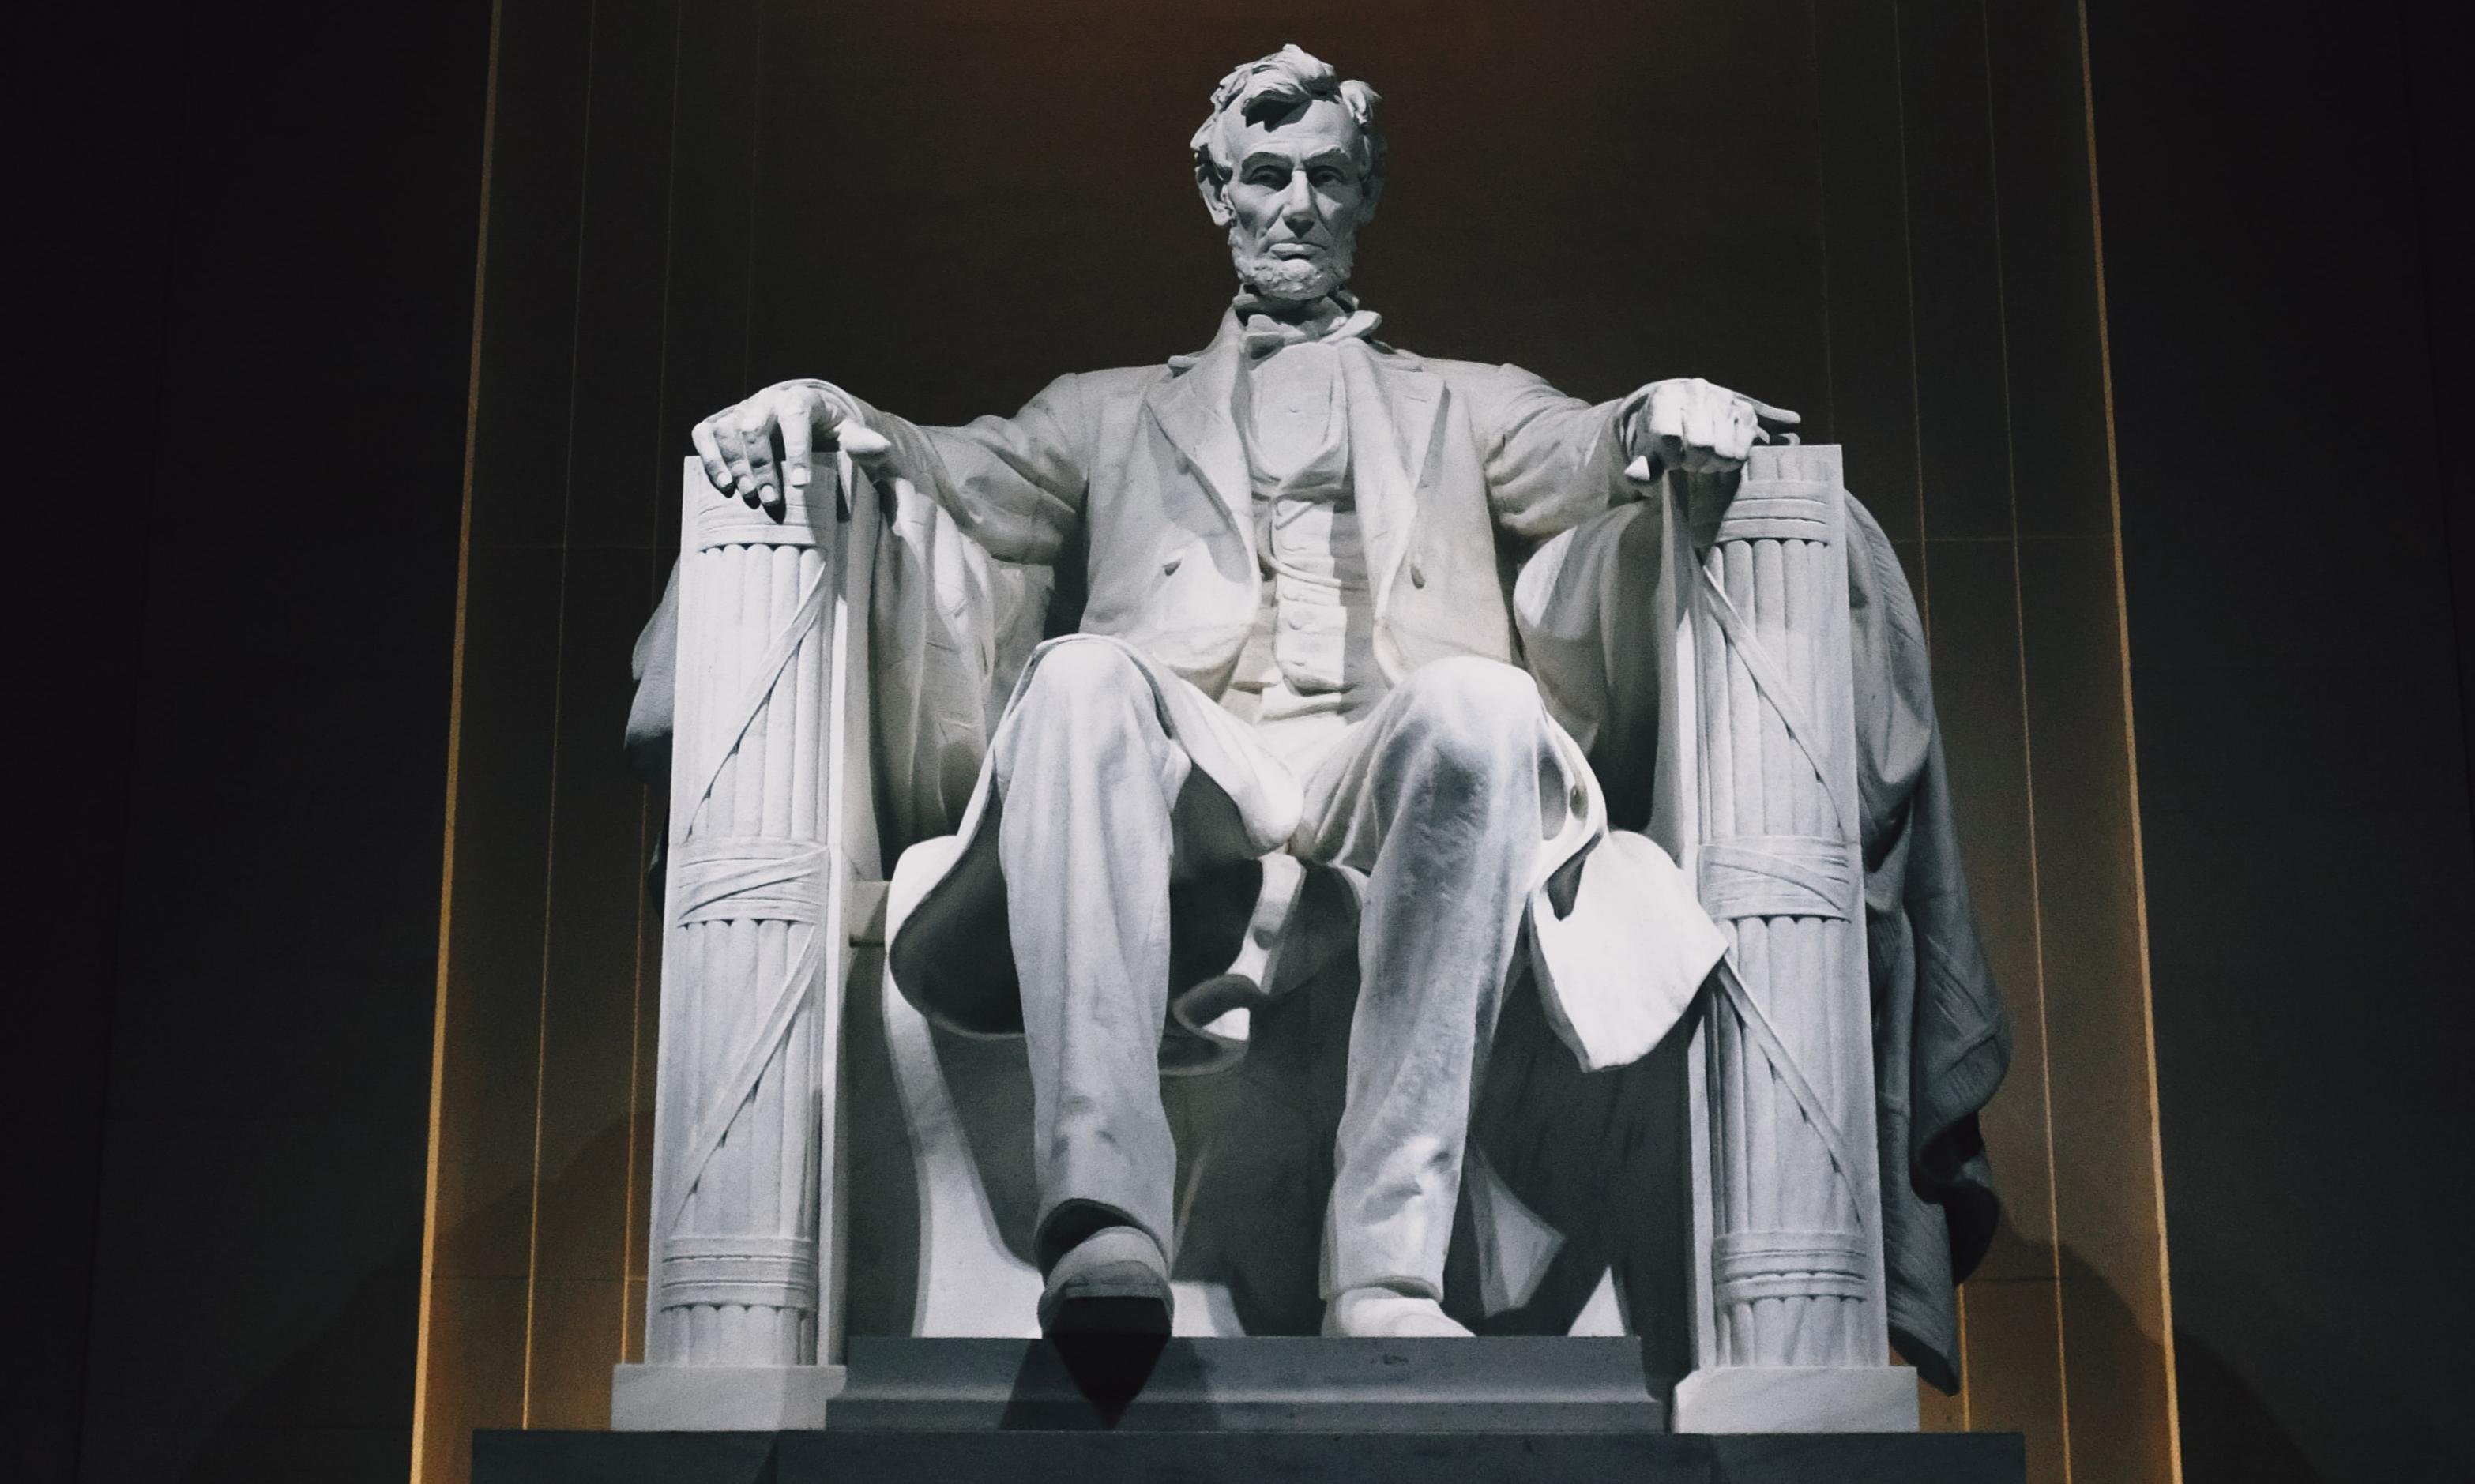 Washington - mehr als nur ein Name | story.one